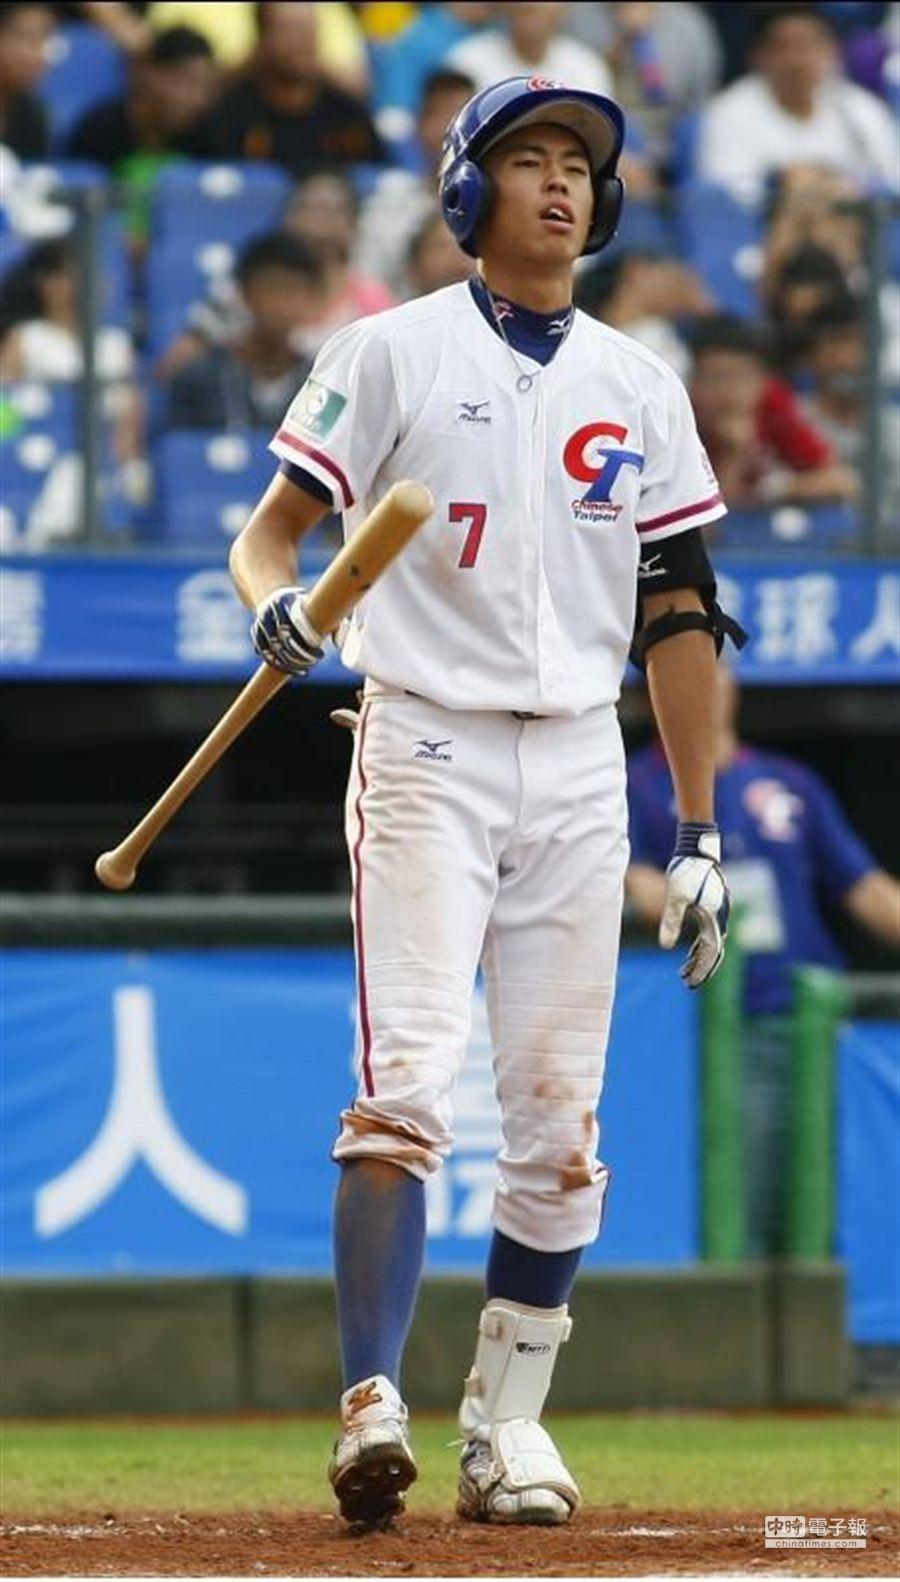 第26屆IBAF世界青棒賽,中日之戰,中華隊指定代打彭名宇,並未發揮強打功效。(黃國峰攝)